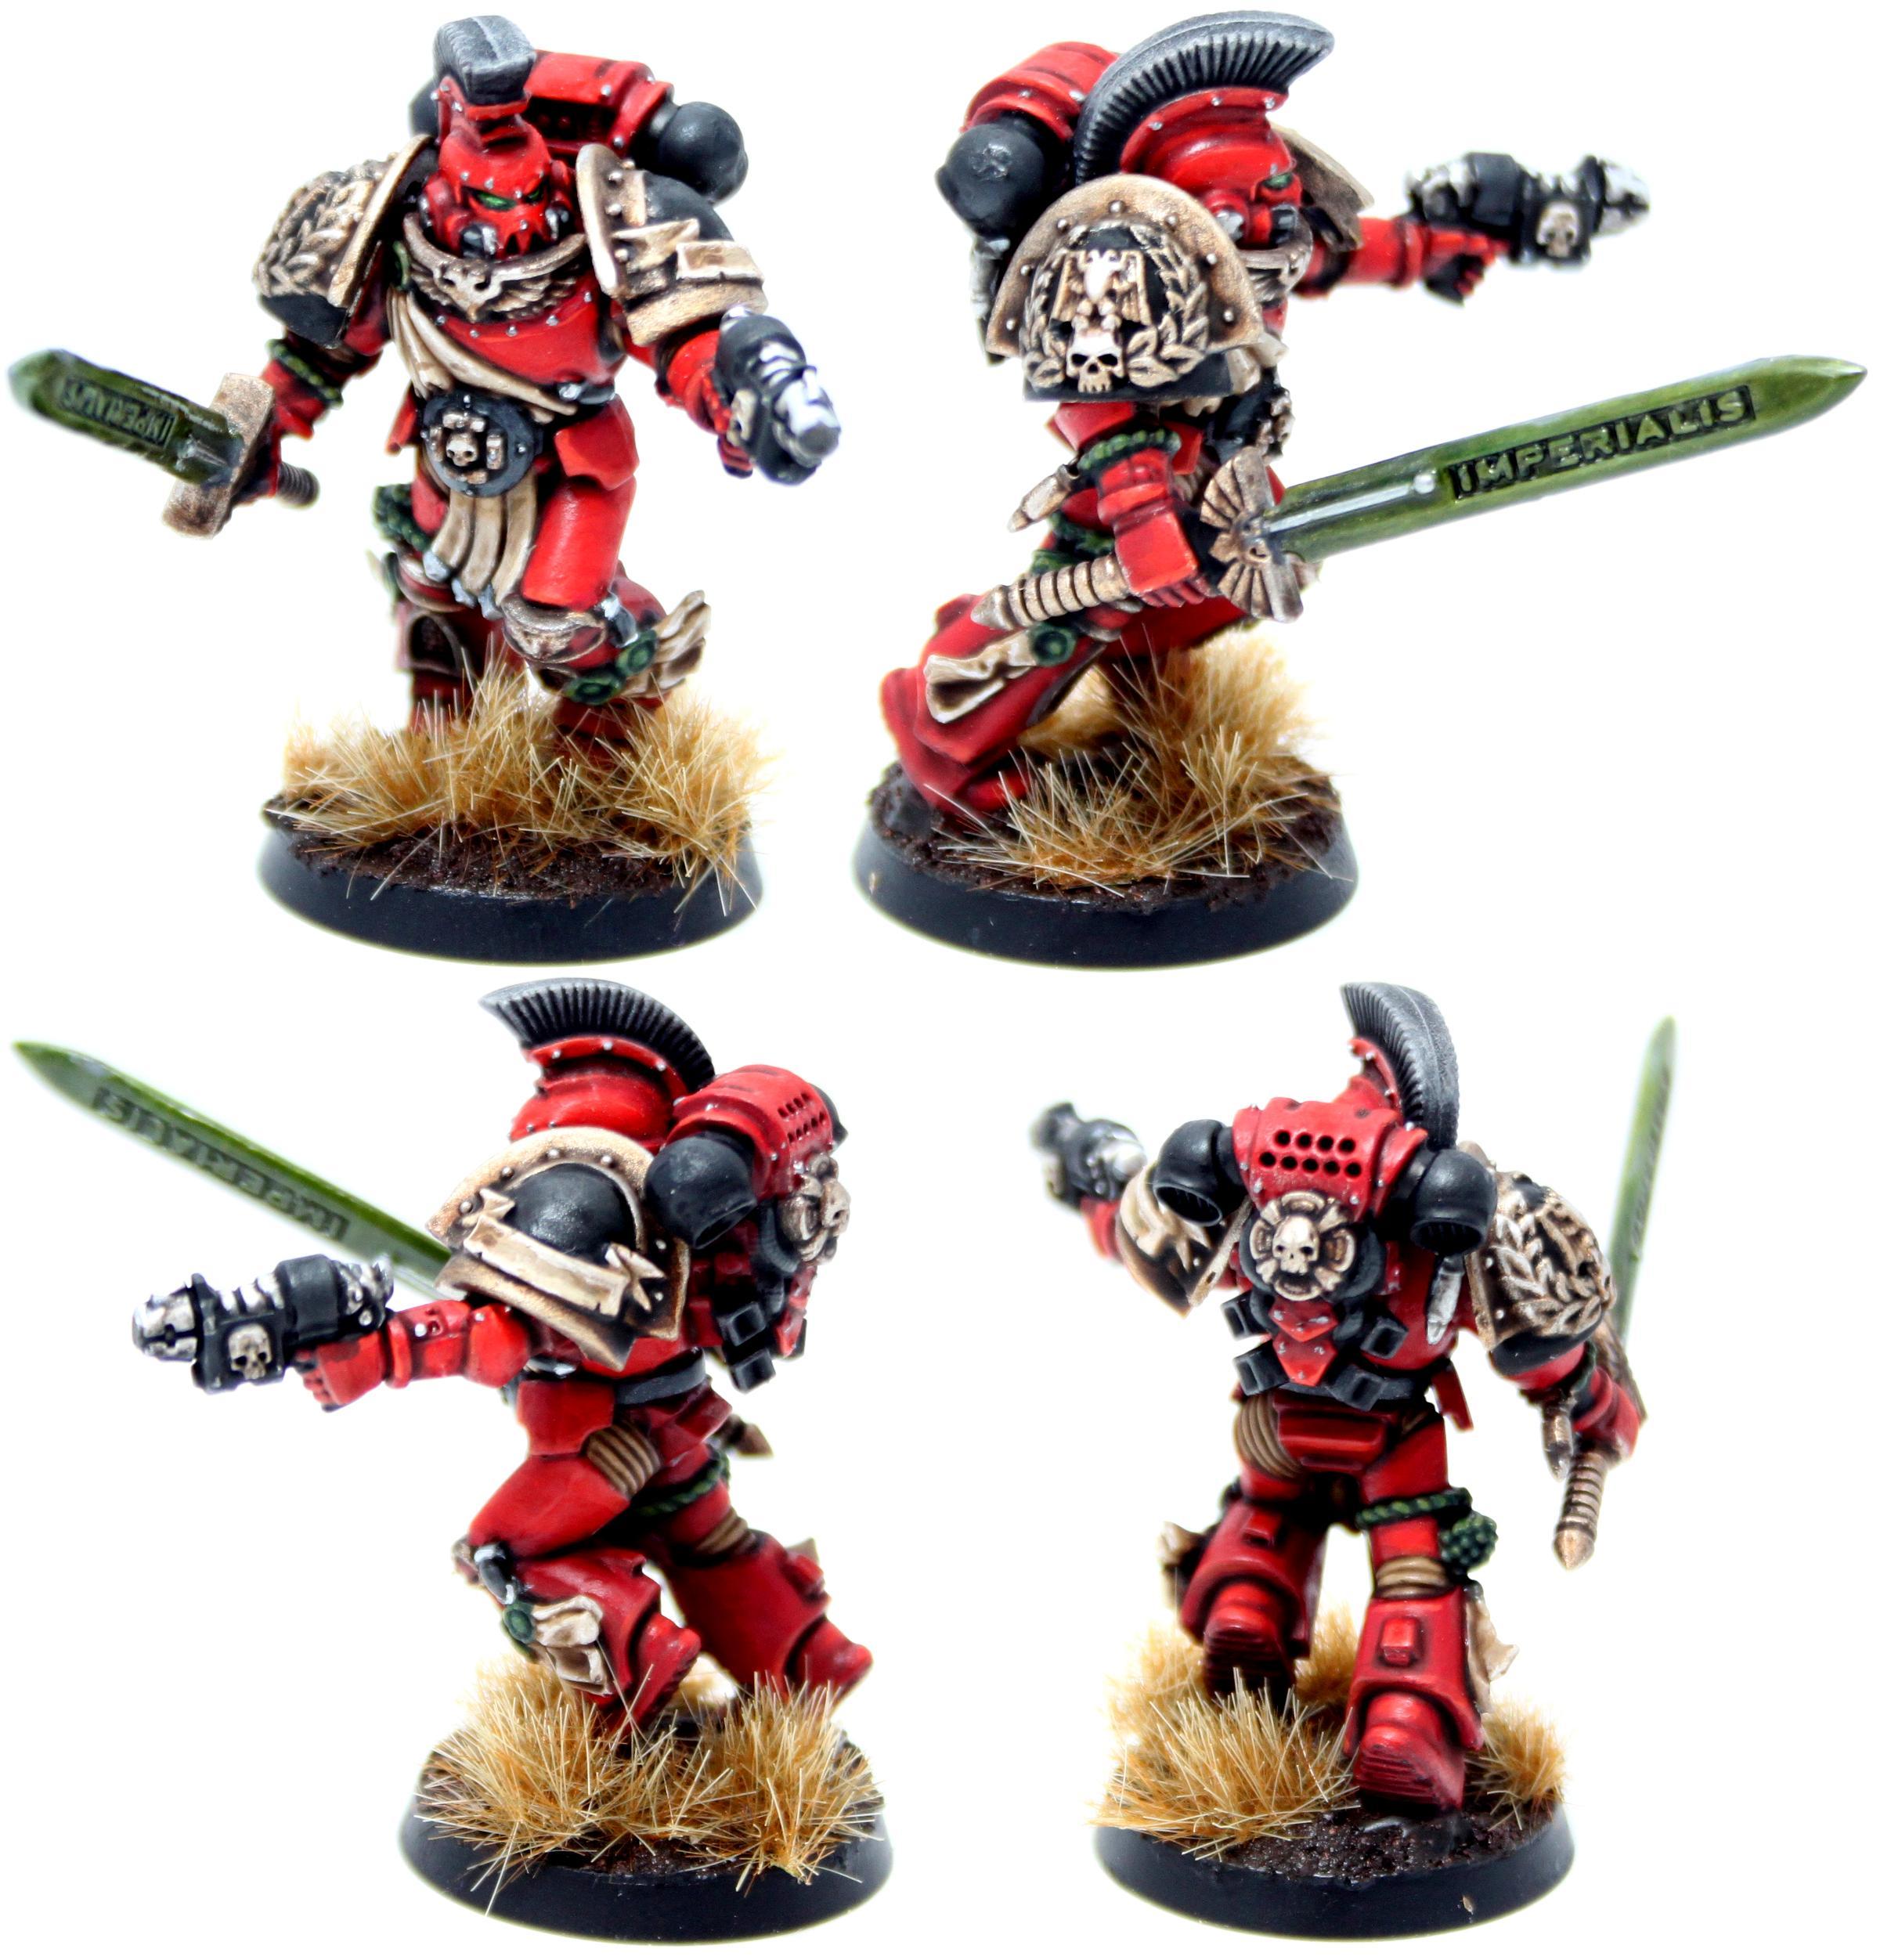 Power Sword, Sergeant, Space Marines